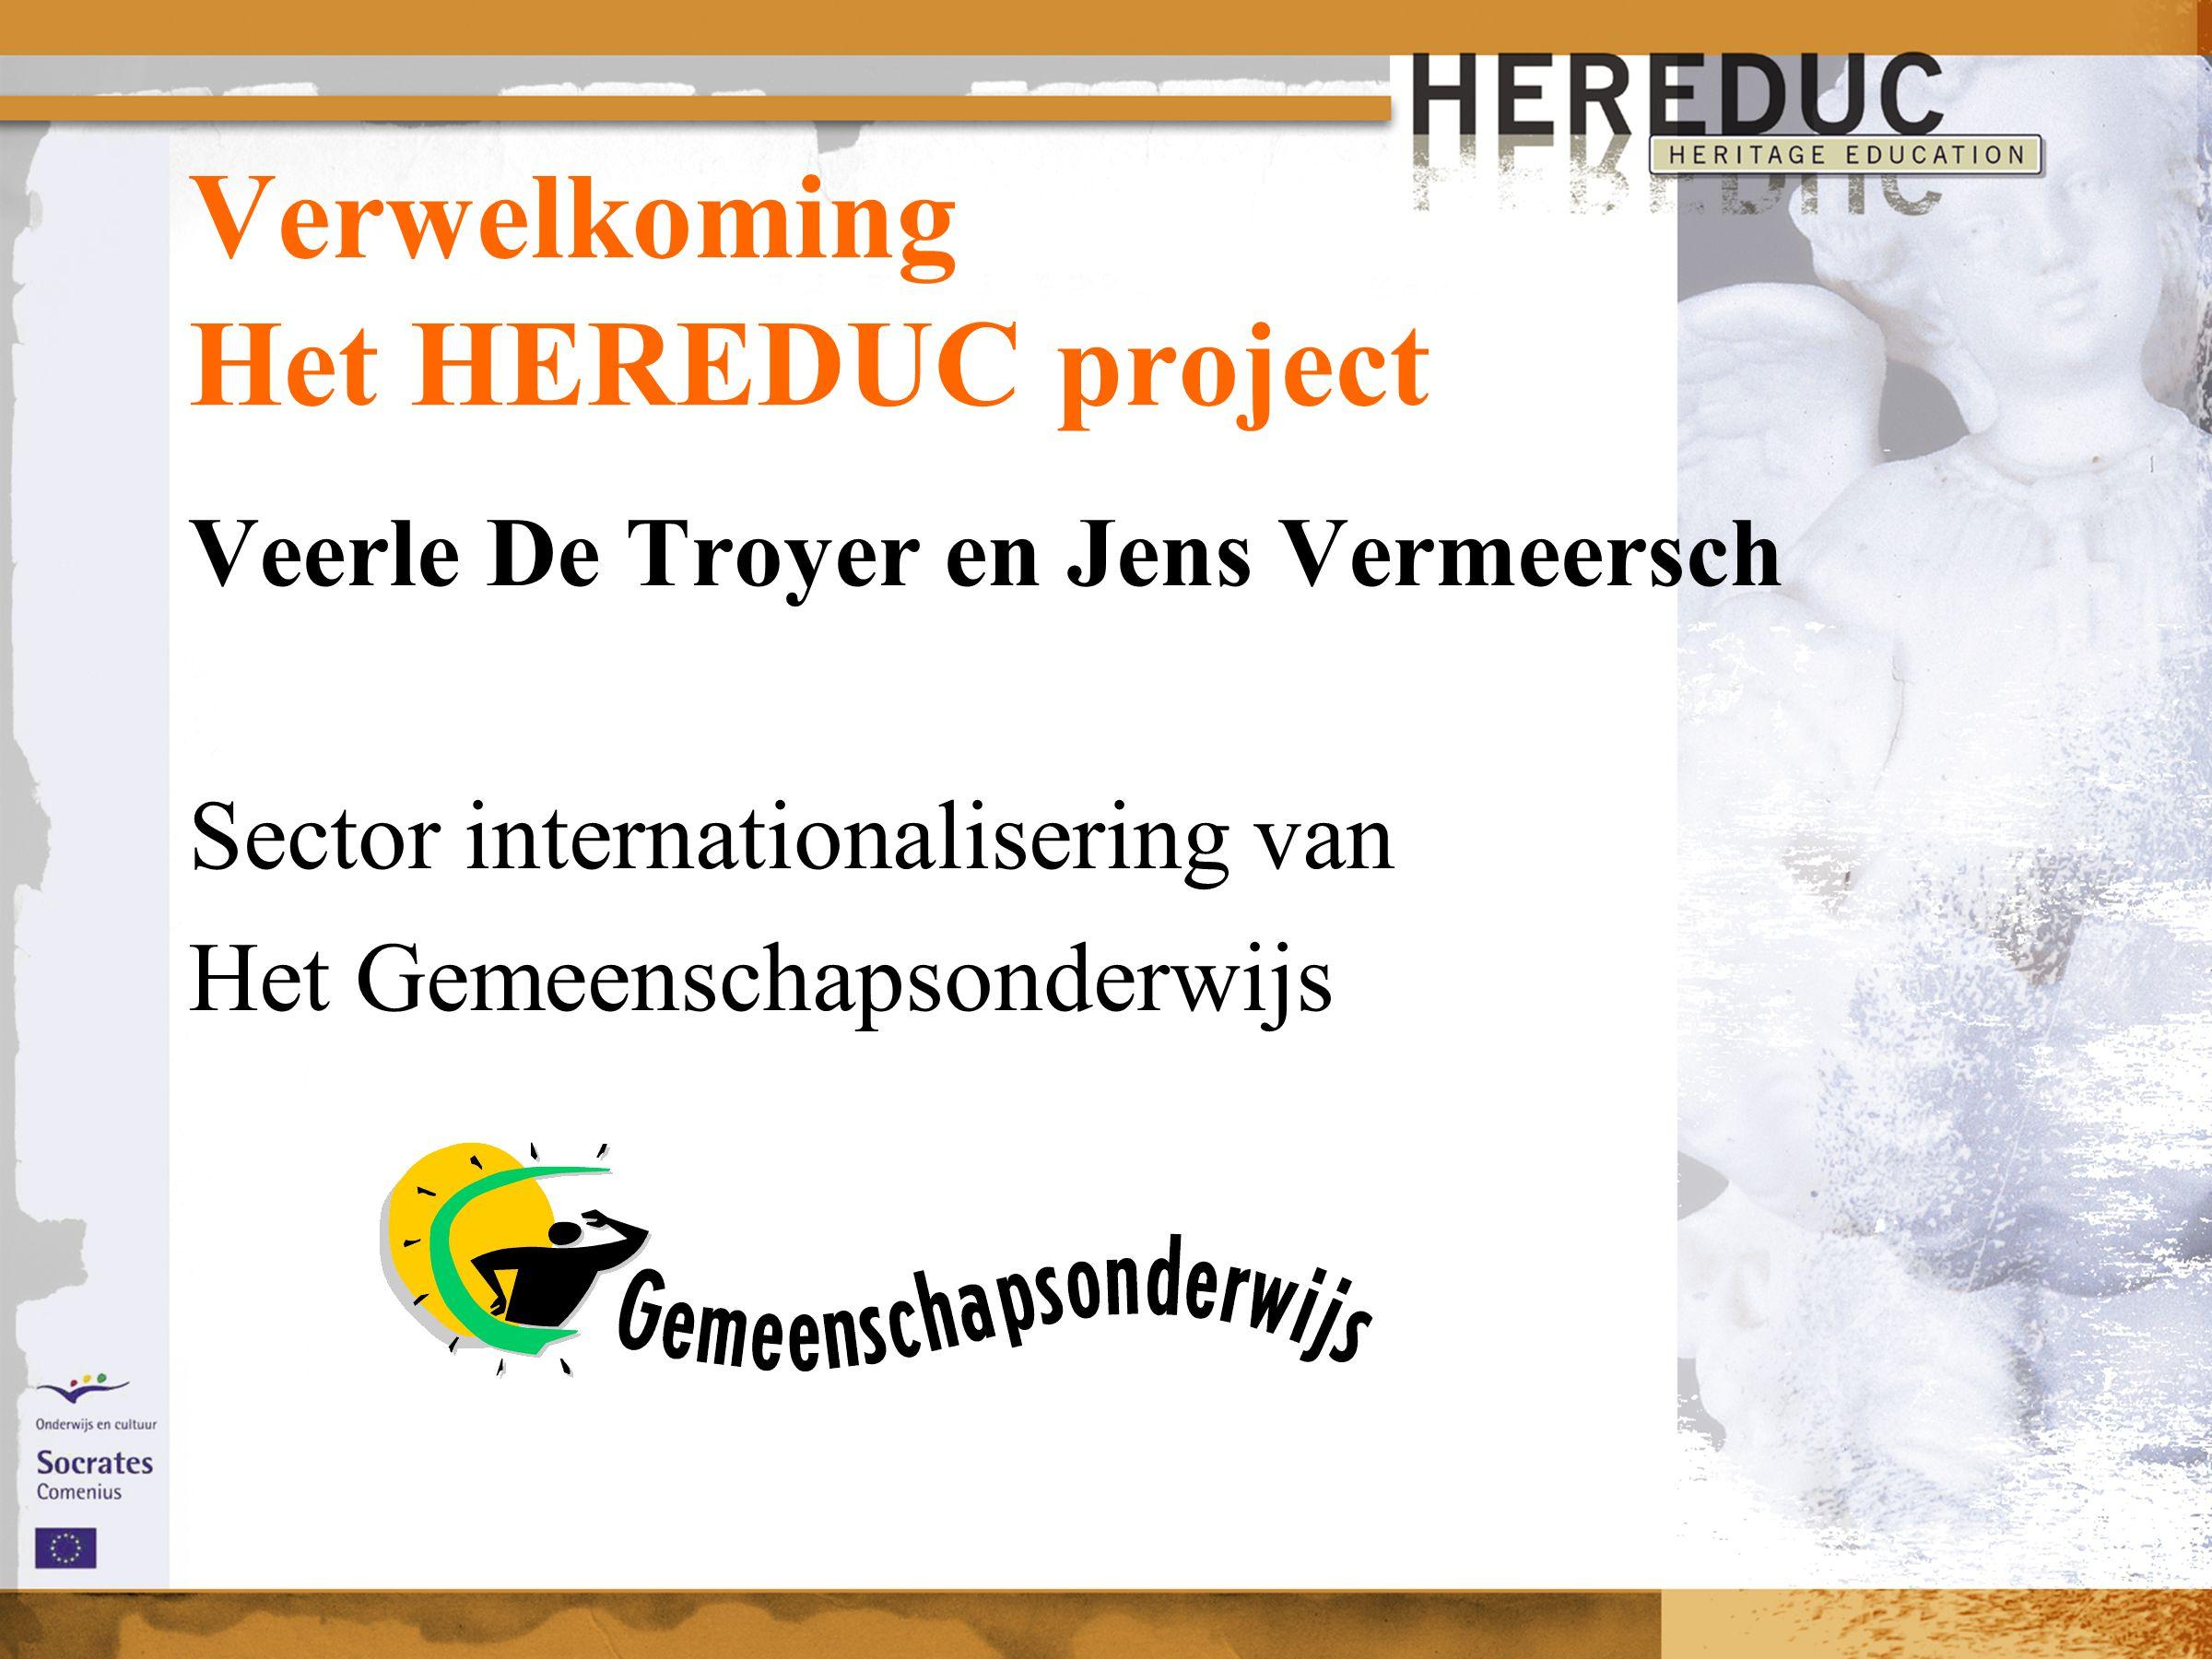 Verwelkoming Het HEREDUC project Veerle De Troyer en Jens Vermeersch Sector internationalisering van Het Gemeenschapsonderwijs